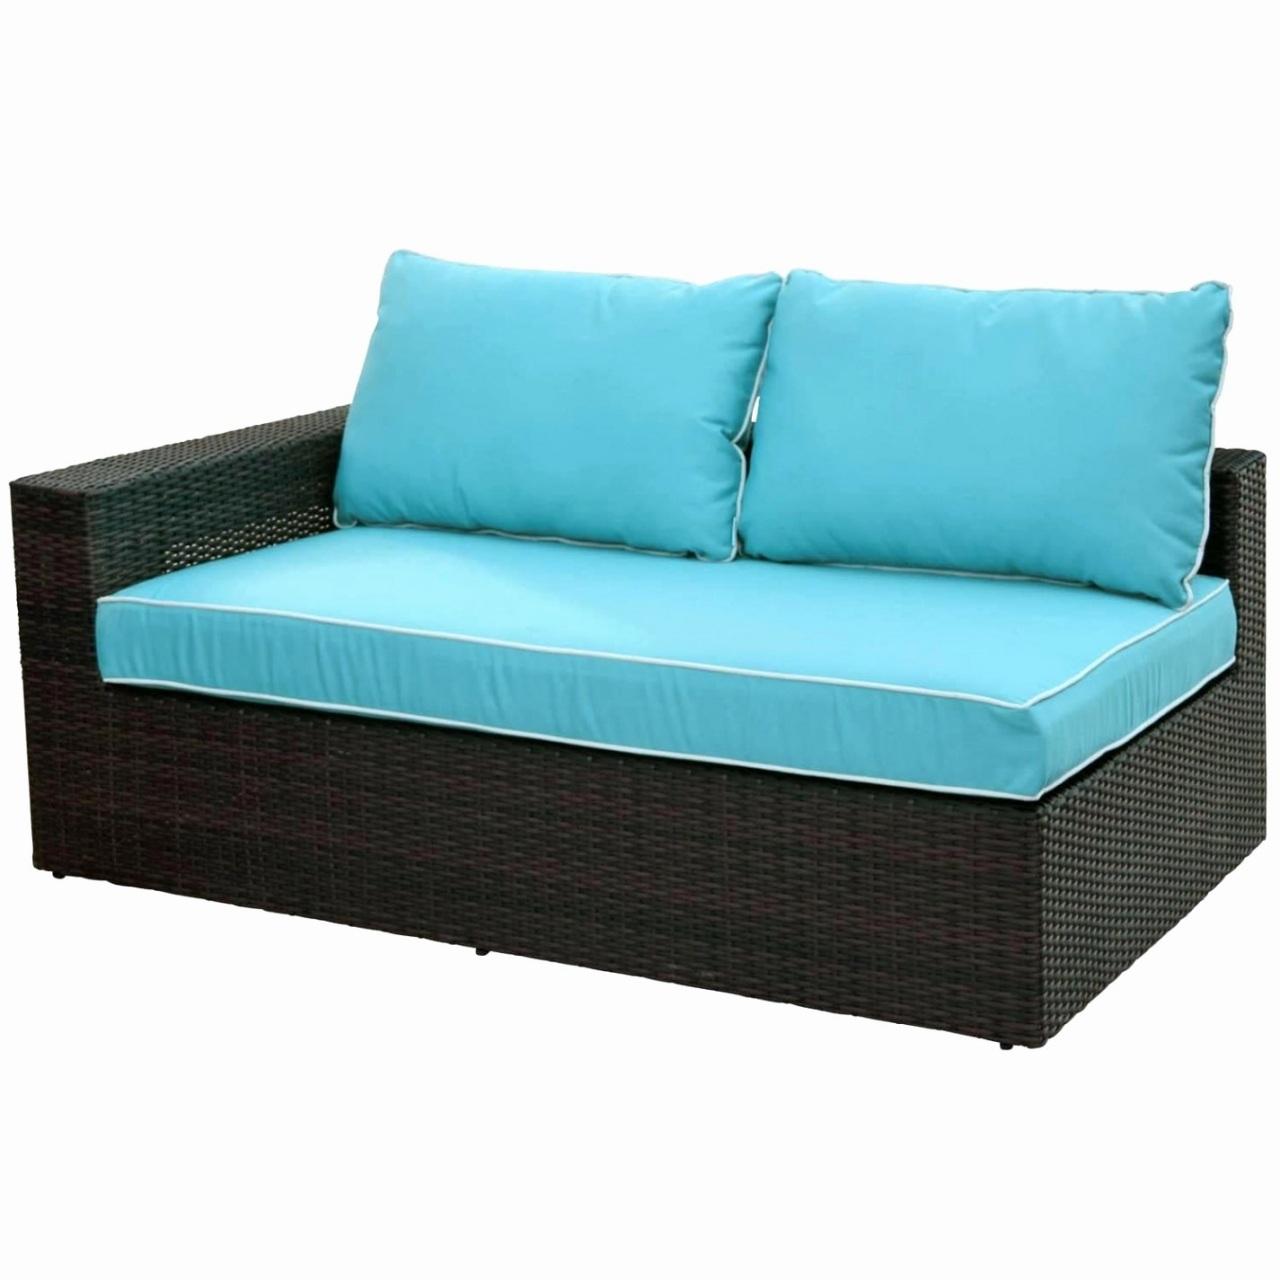 Full Size of Sofa Mit Boxen Couch Musikboxen Poco Lautsprecher Bluetooth Und Licht Big Integrierten Led Recamiere Umbauen Caseconradcom Esstisch Stühlen Schlaffunktion Sofa Sofa Mit Boxen